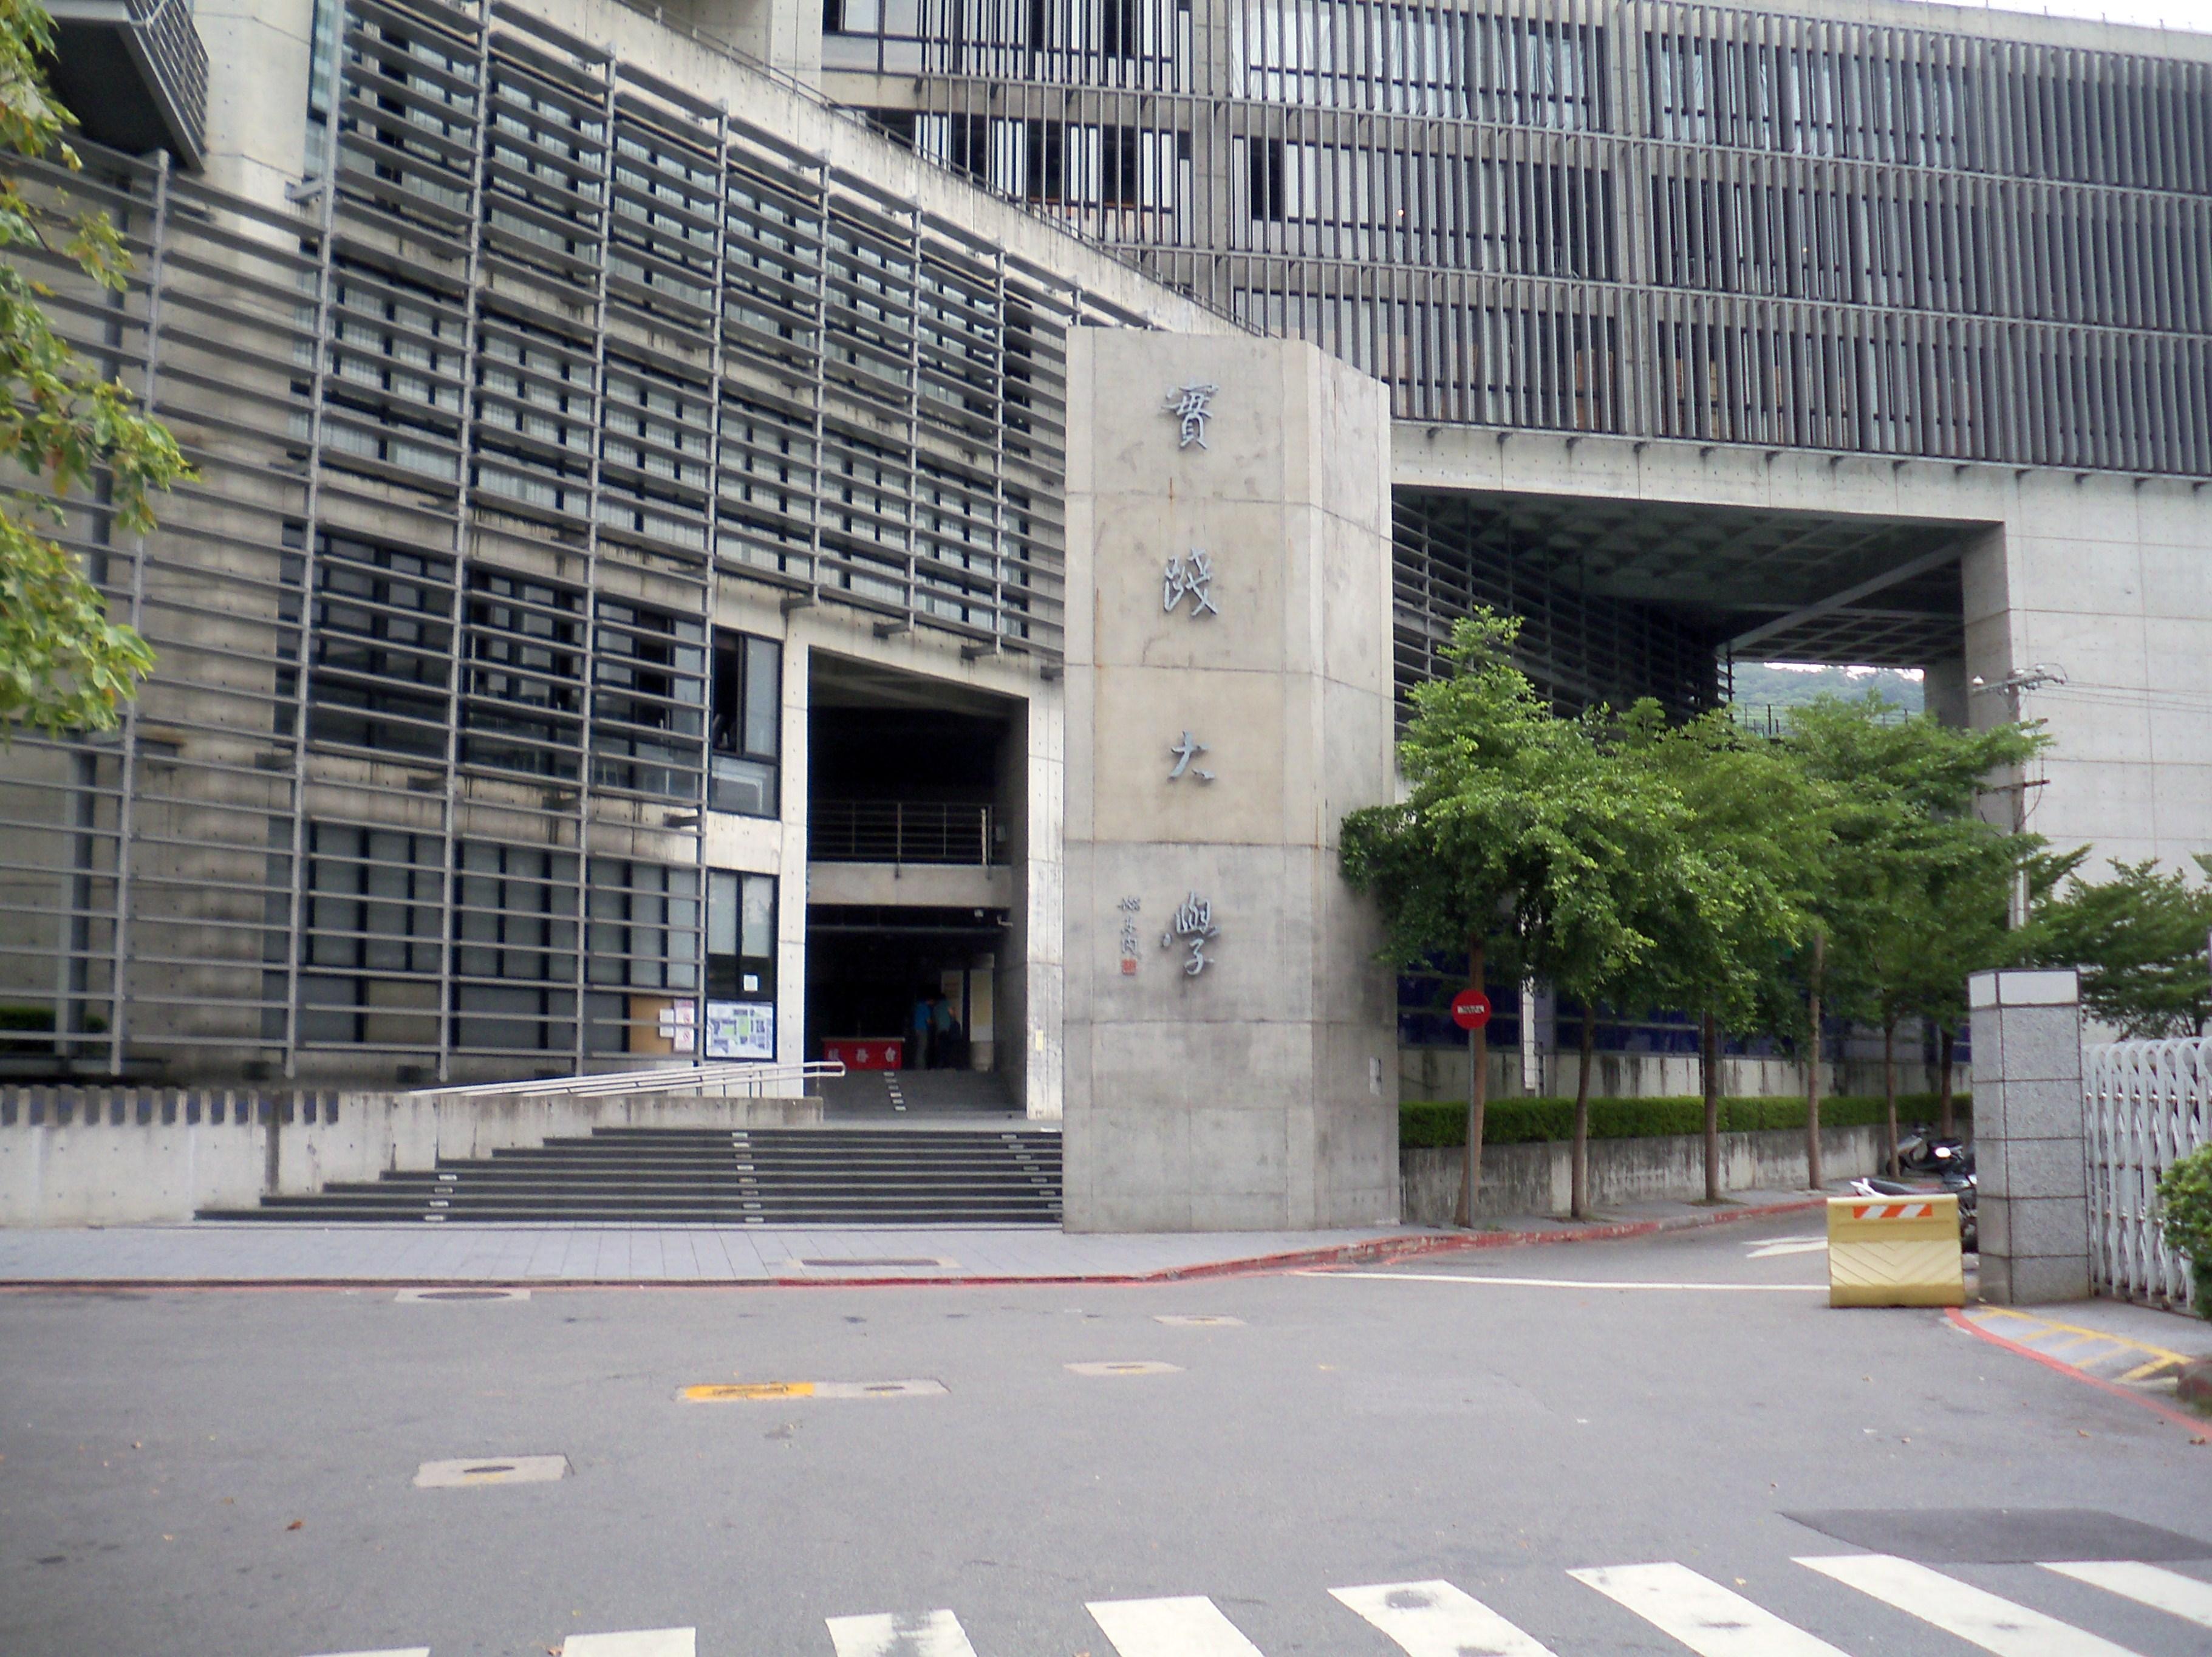 姚仁喜:名建築師84@圖博館 PChome 個人新聞臺